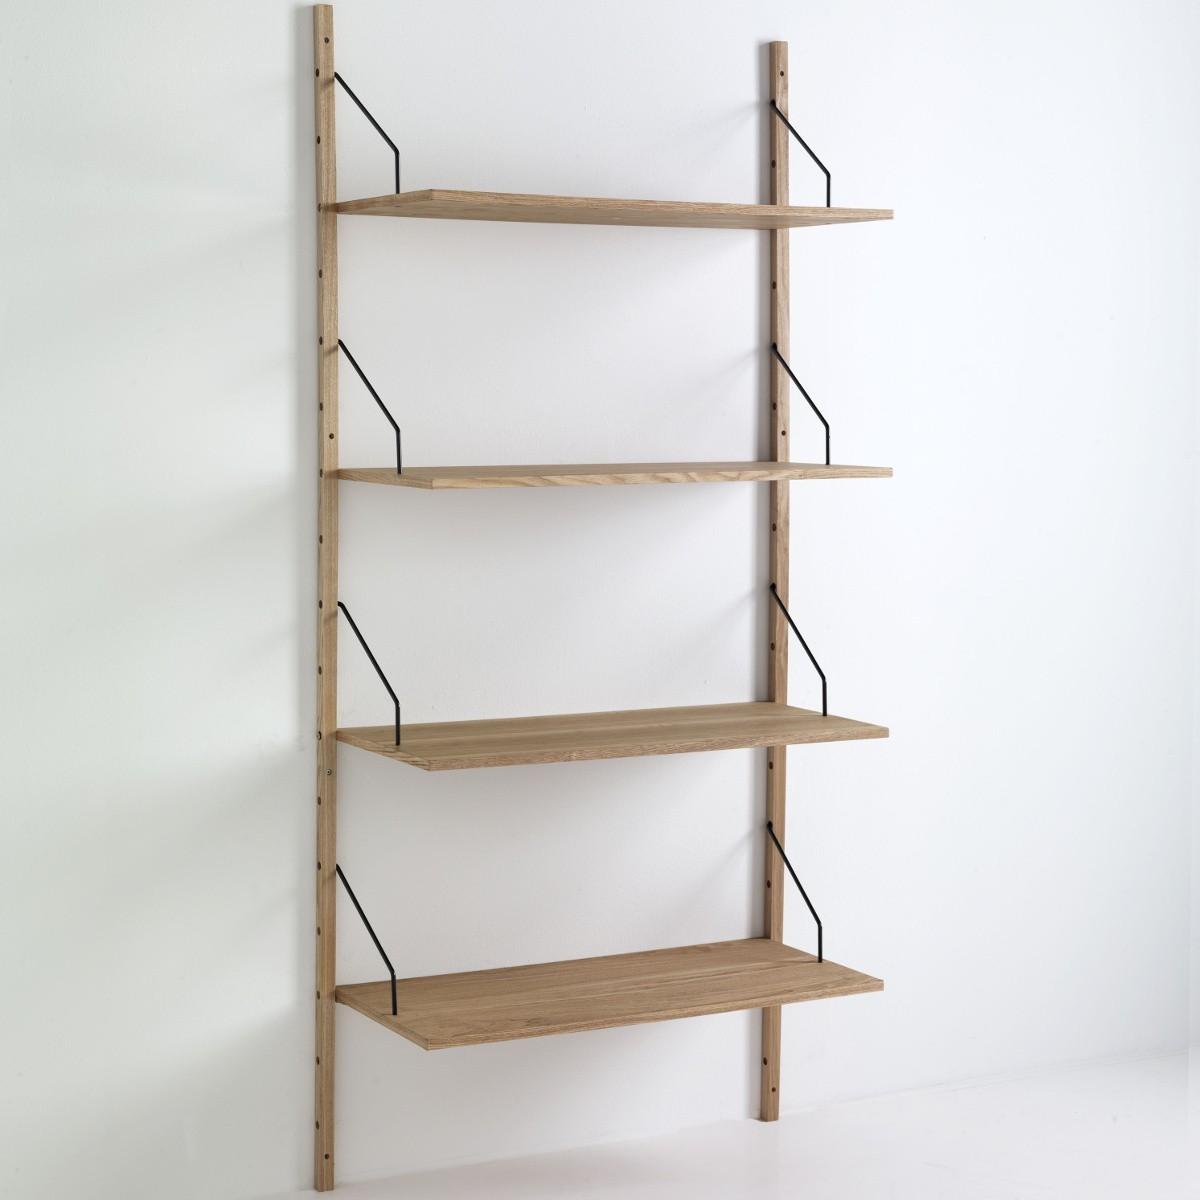 Libreria da parete selfy in legno mdf 4 ripiani 85 x 180 cm - Libreria da parete ikea ...